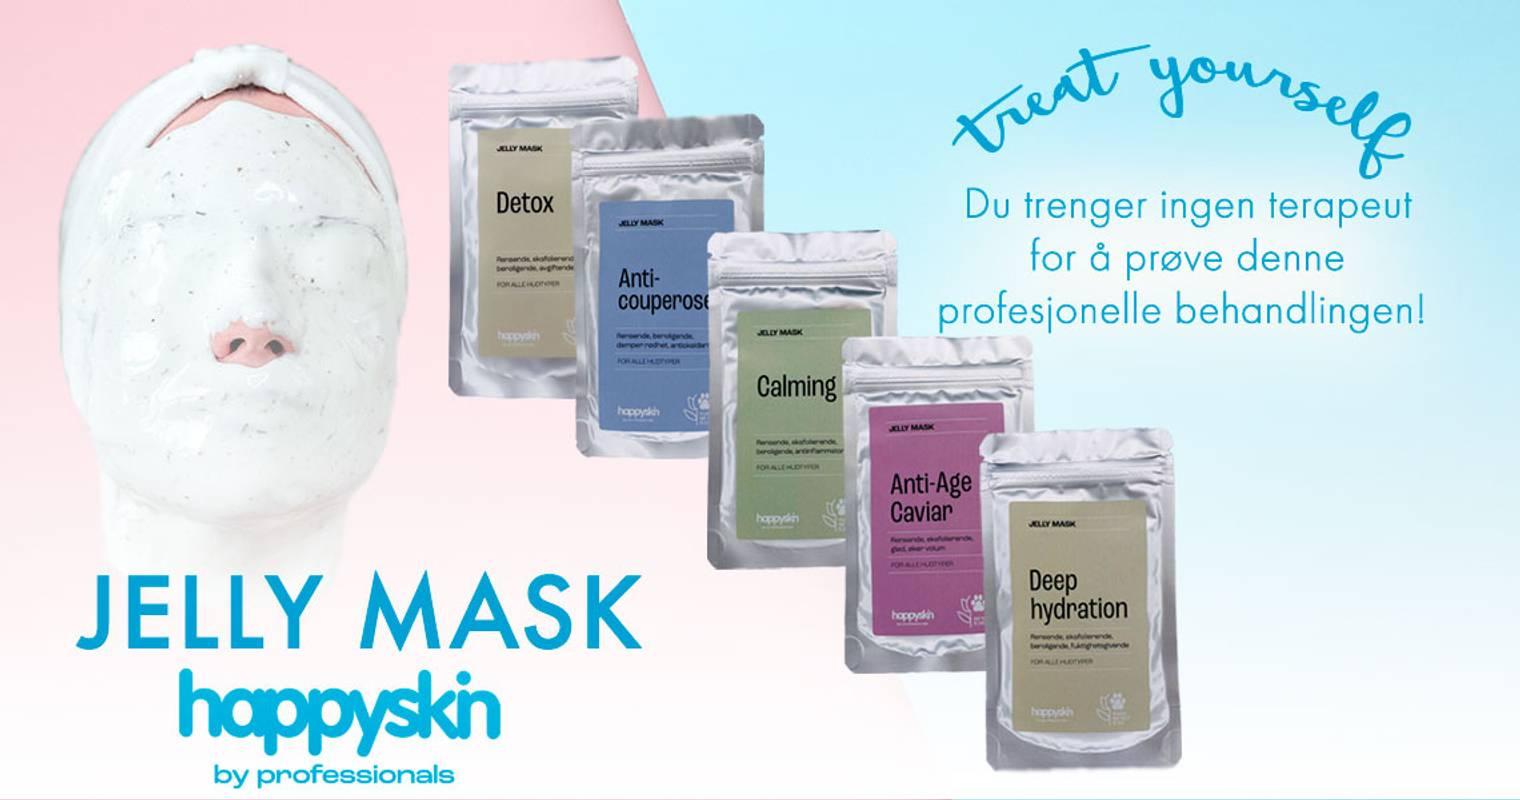 jelly mask, rubber mask, profesjonelle masker, hudpleie, tørr hud, fet hud, sensitiv hud, anti-aging, rynker,